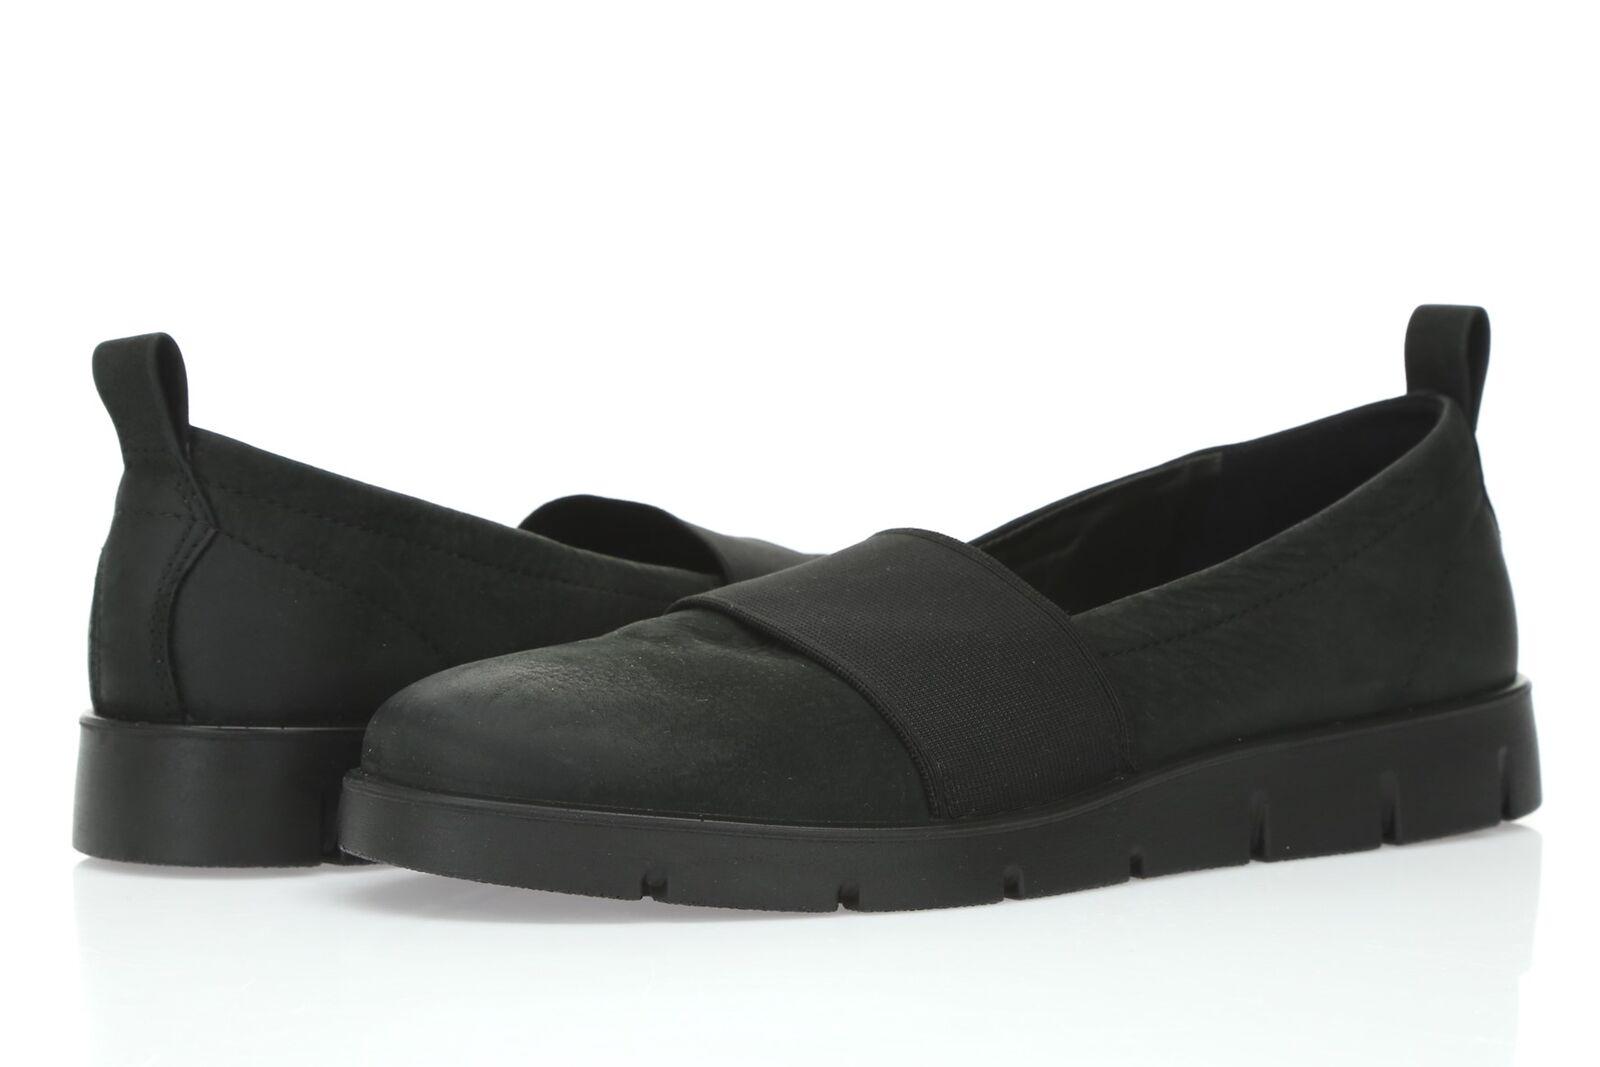 spedizione veloce in tutto il mondo Ecco Bella Donna nero leather stretch stretch stretch slip on scarpe sz. 37 ( 6-6.5 )  alta qualità e spedizione veloce